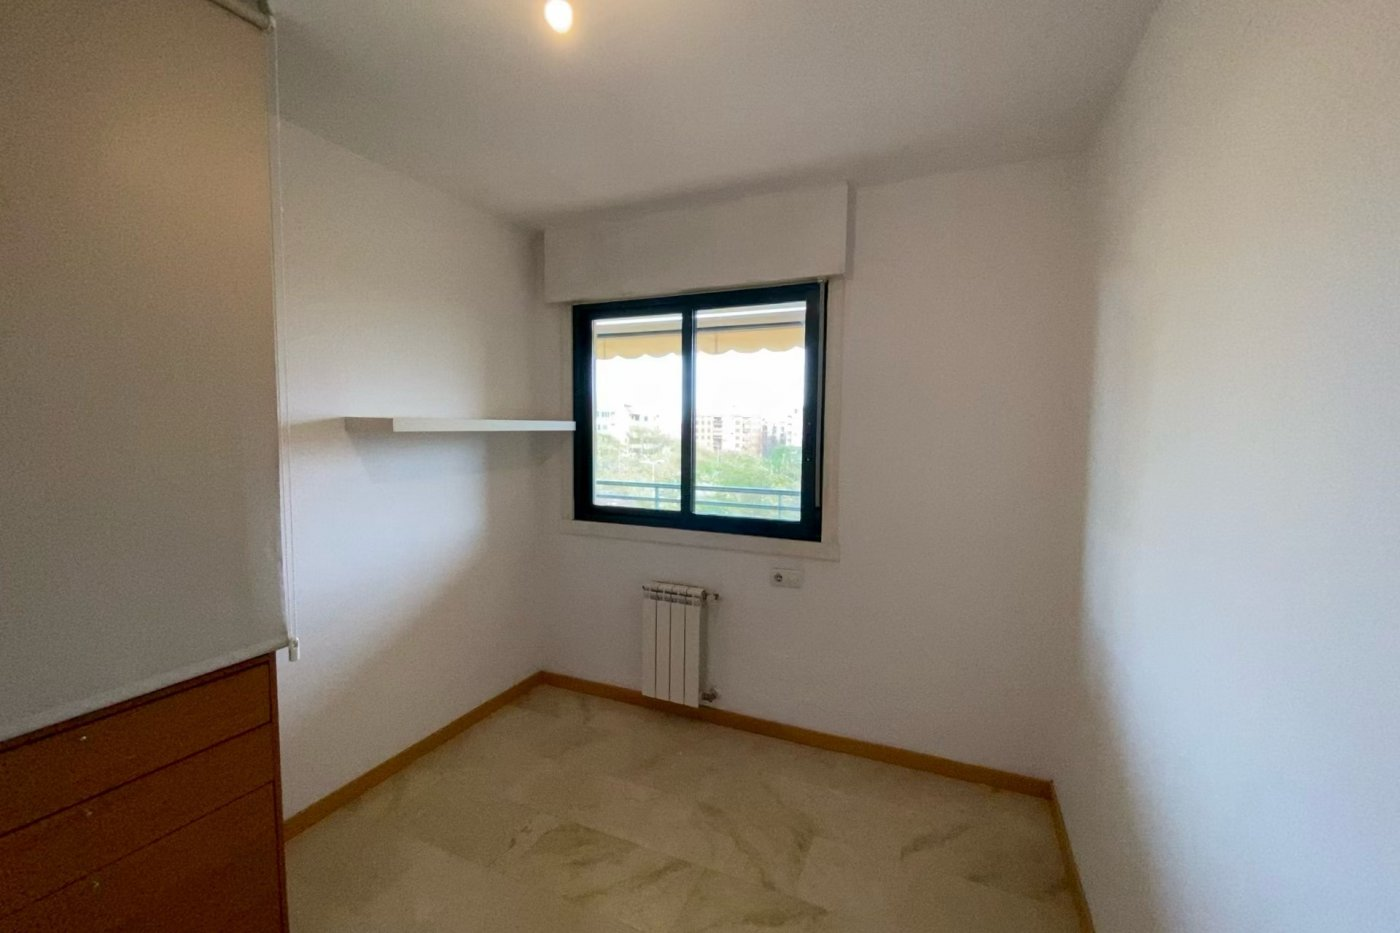 Piso sin muebles de 105 m² de superficie en zona residencial de son cotoner, palma de mall - imagenInmueble7